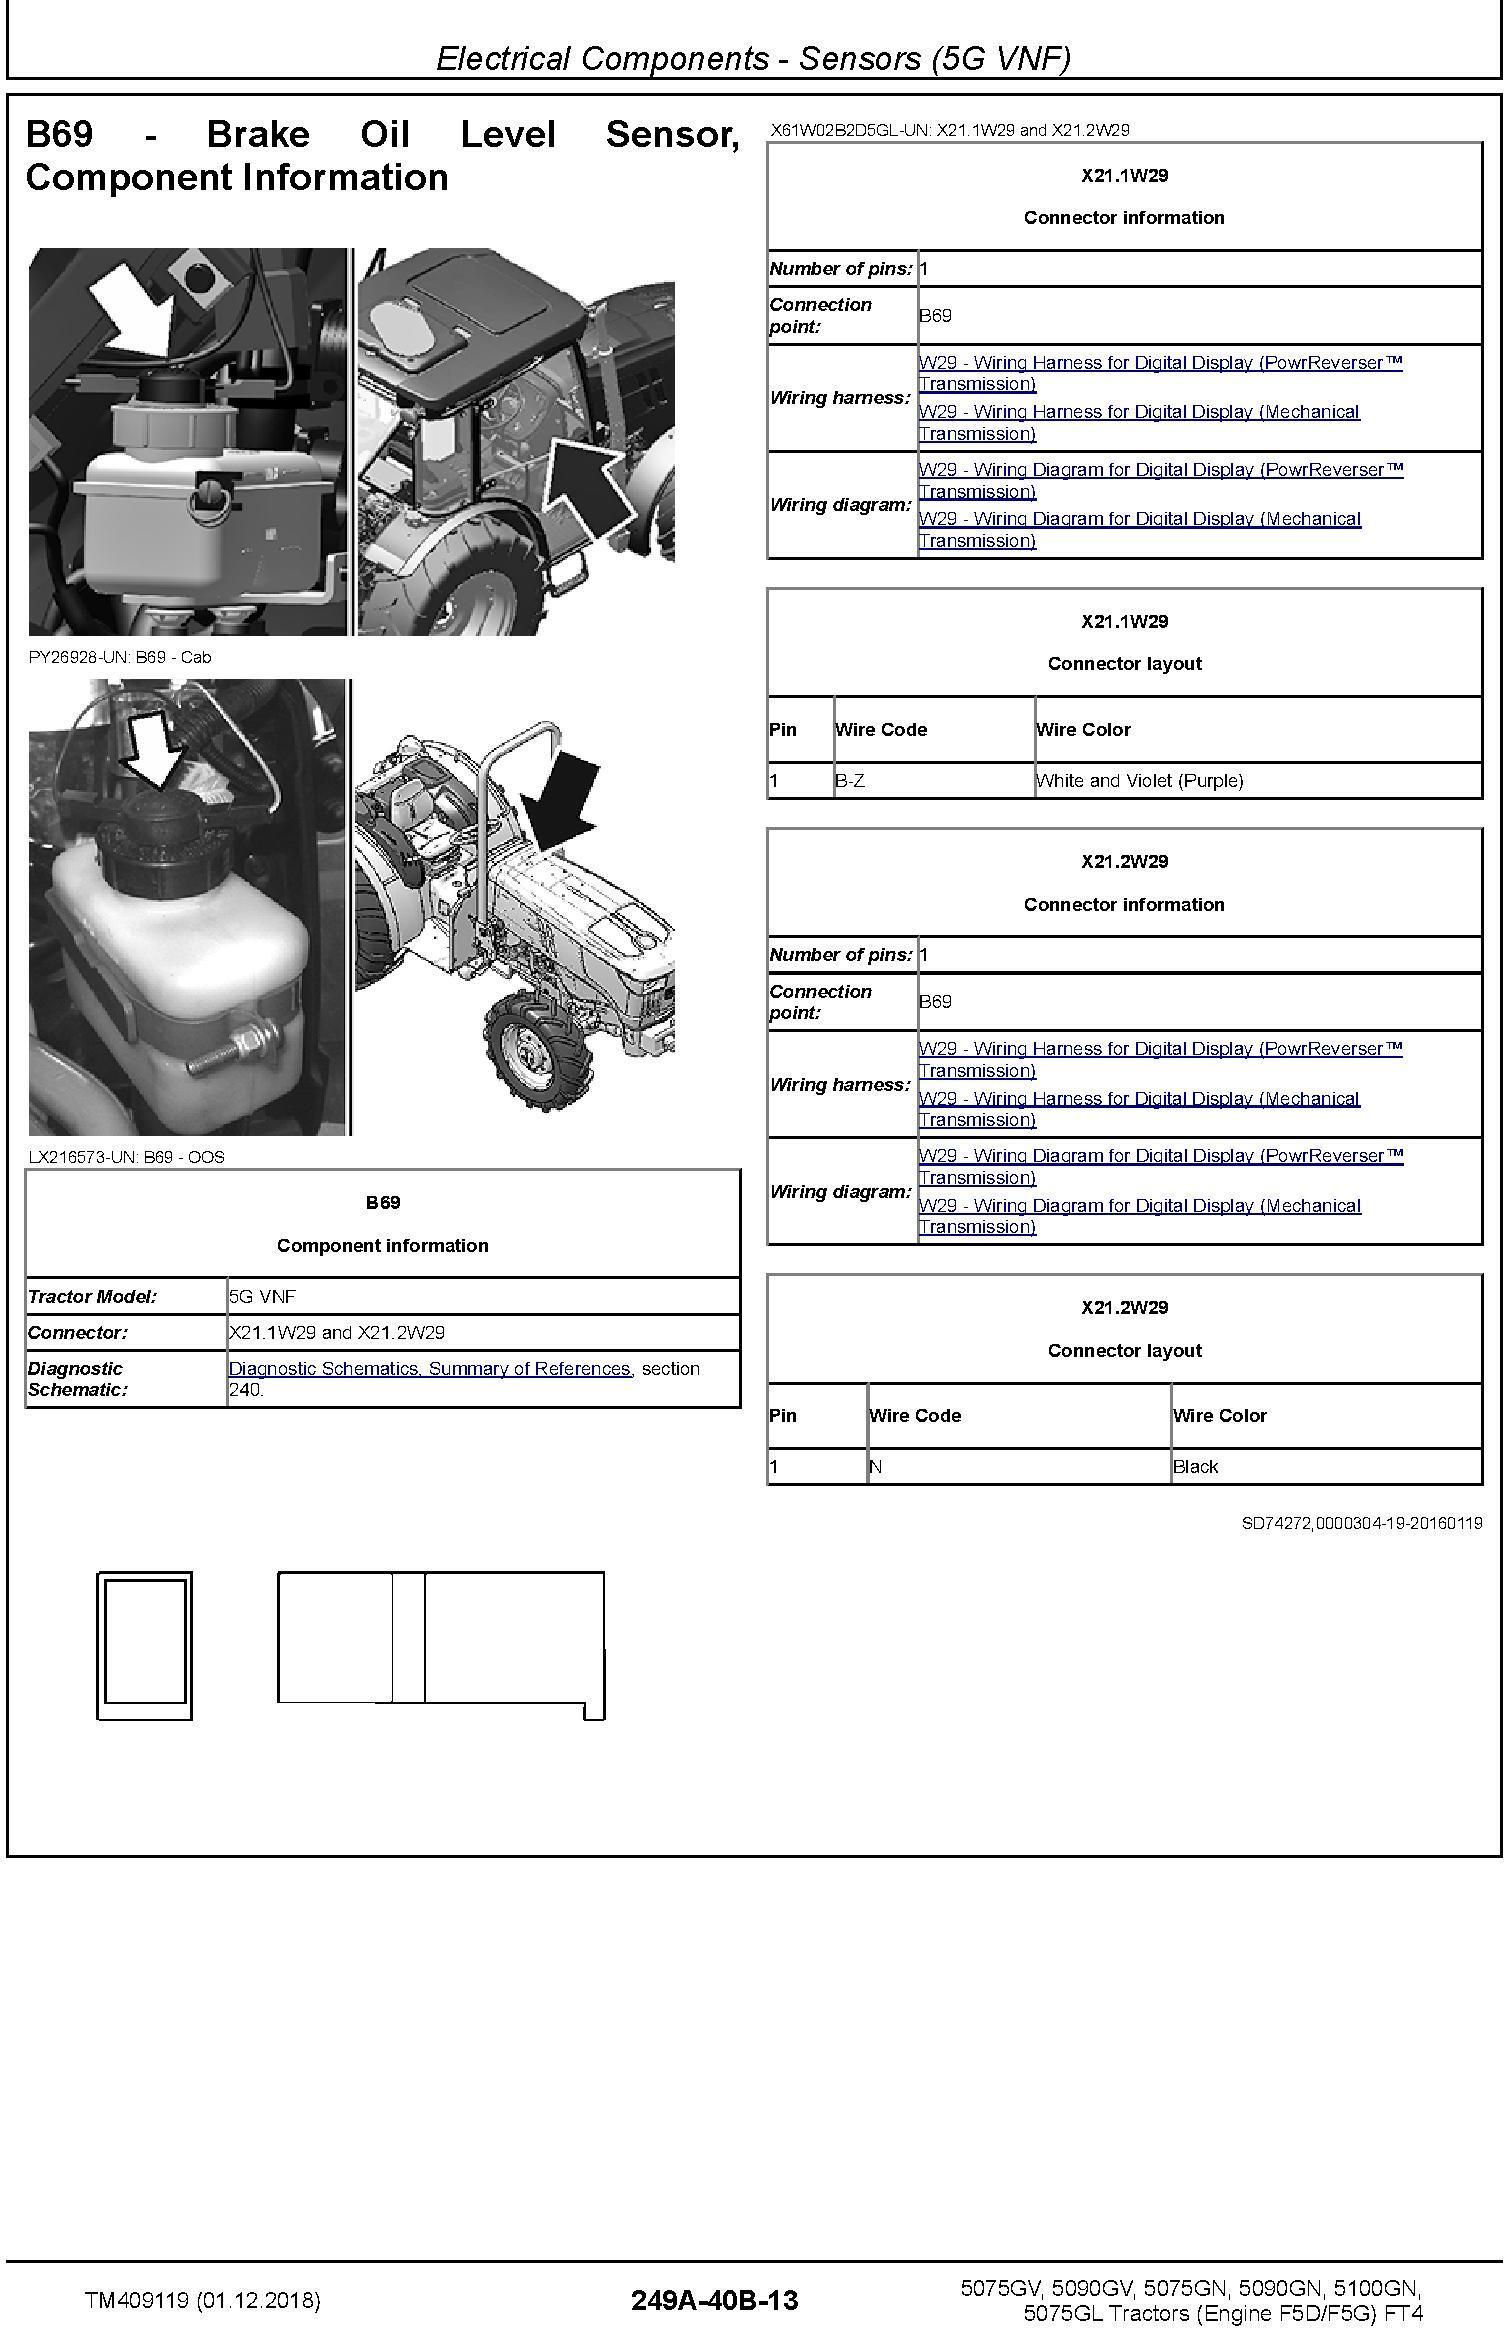 John Deere 5075GV 5090GV 5075GN 5090GN 5100GN 5075GL MY2016-19 Tractors Diagnostic Manual (TM409119) - 3